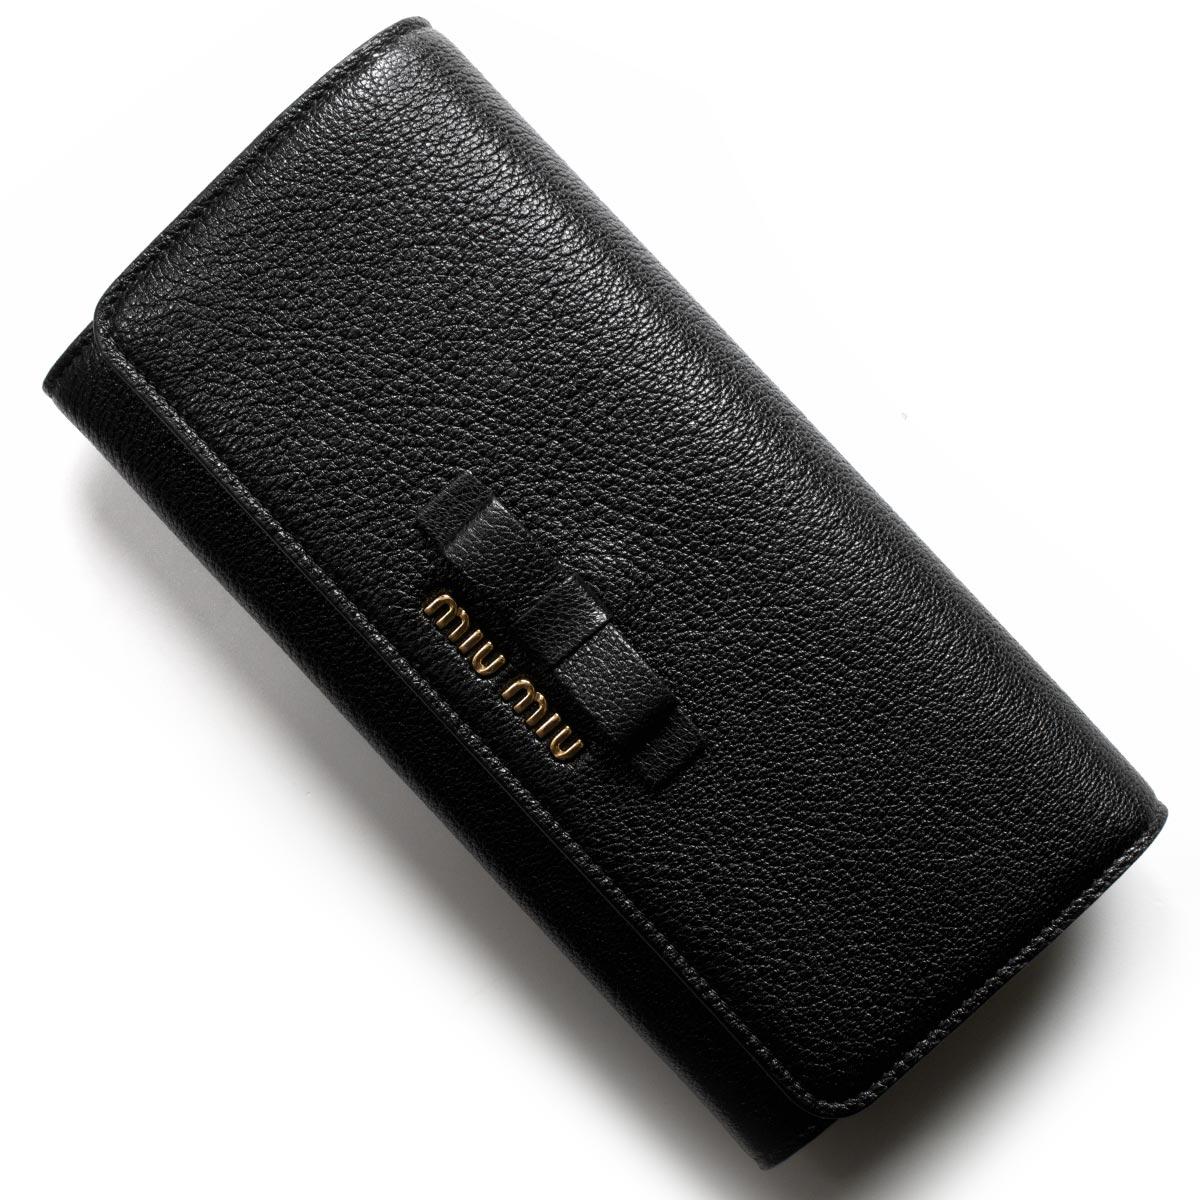 ミュウミュウ 長財布 財布 レディース マドラス フィオーコ リボン ブラック 5MH109 3R7 F0002 MIU MIU